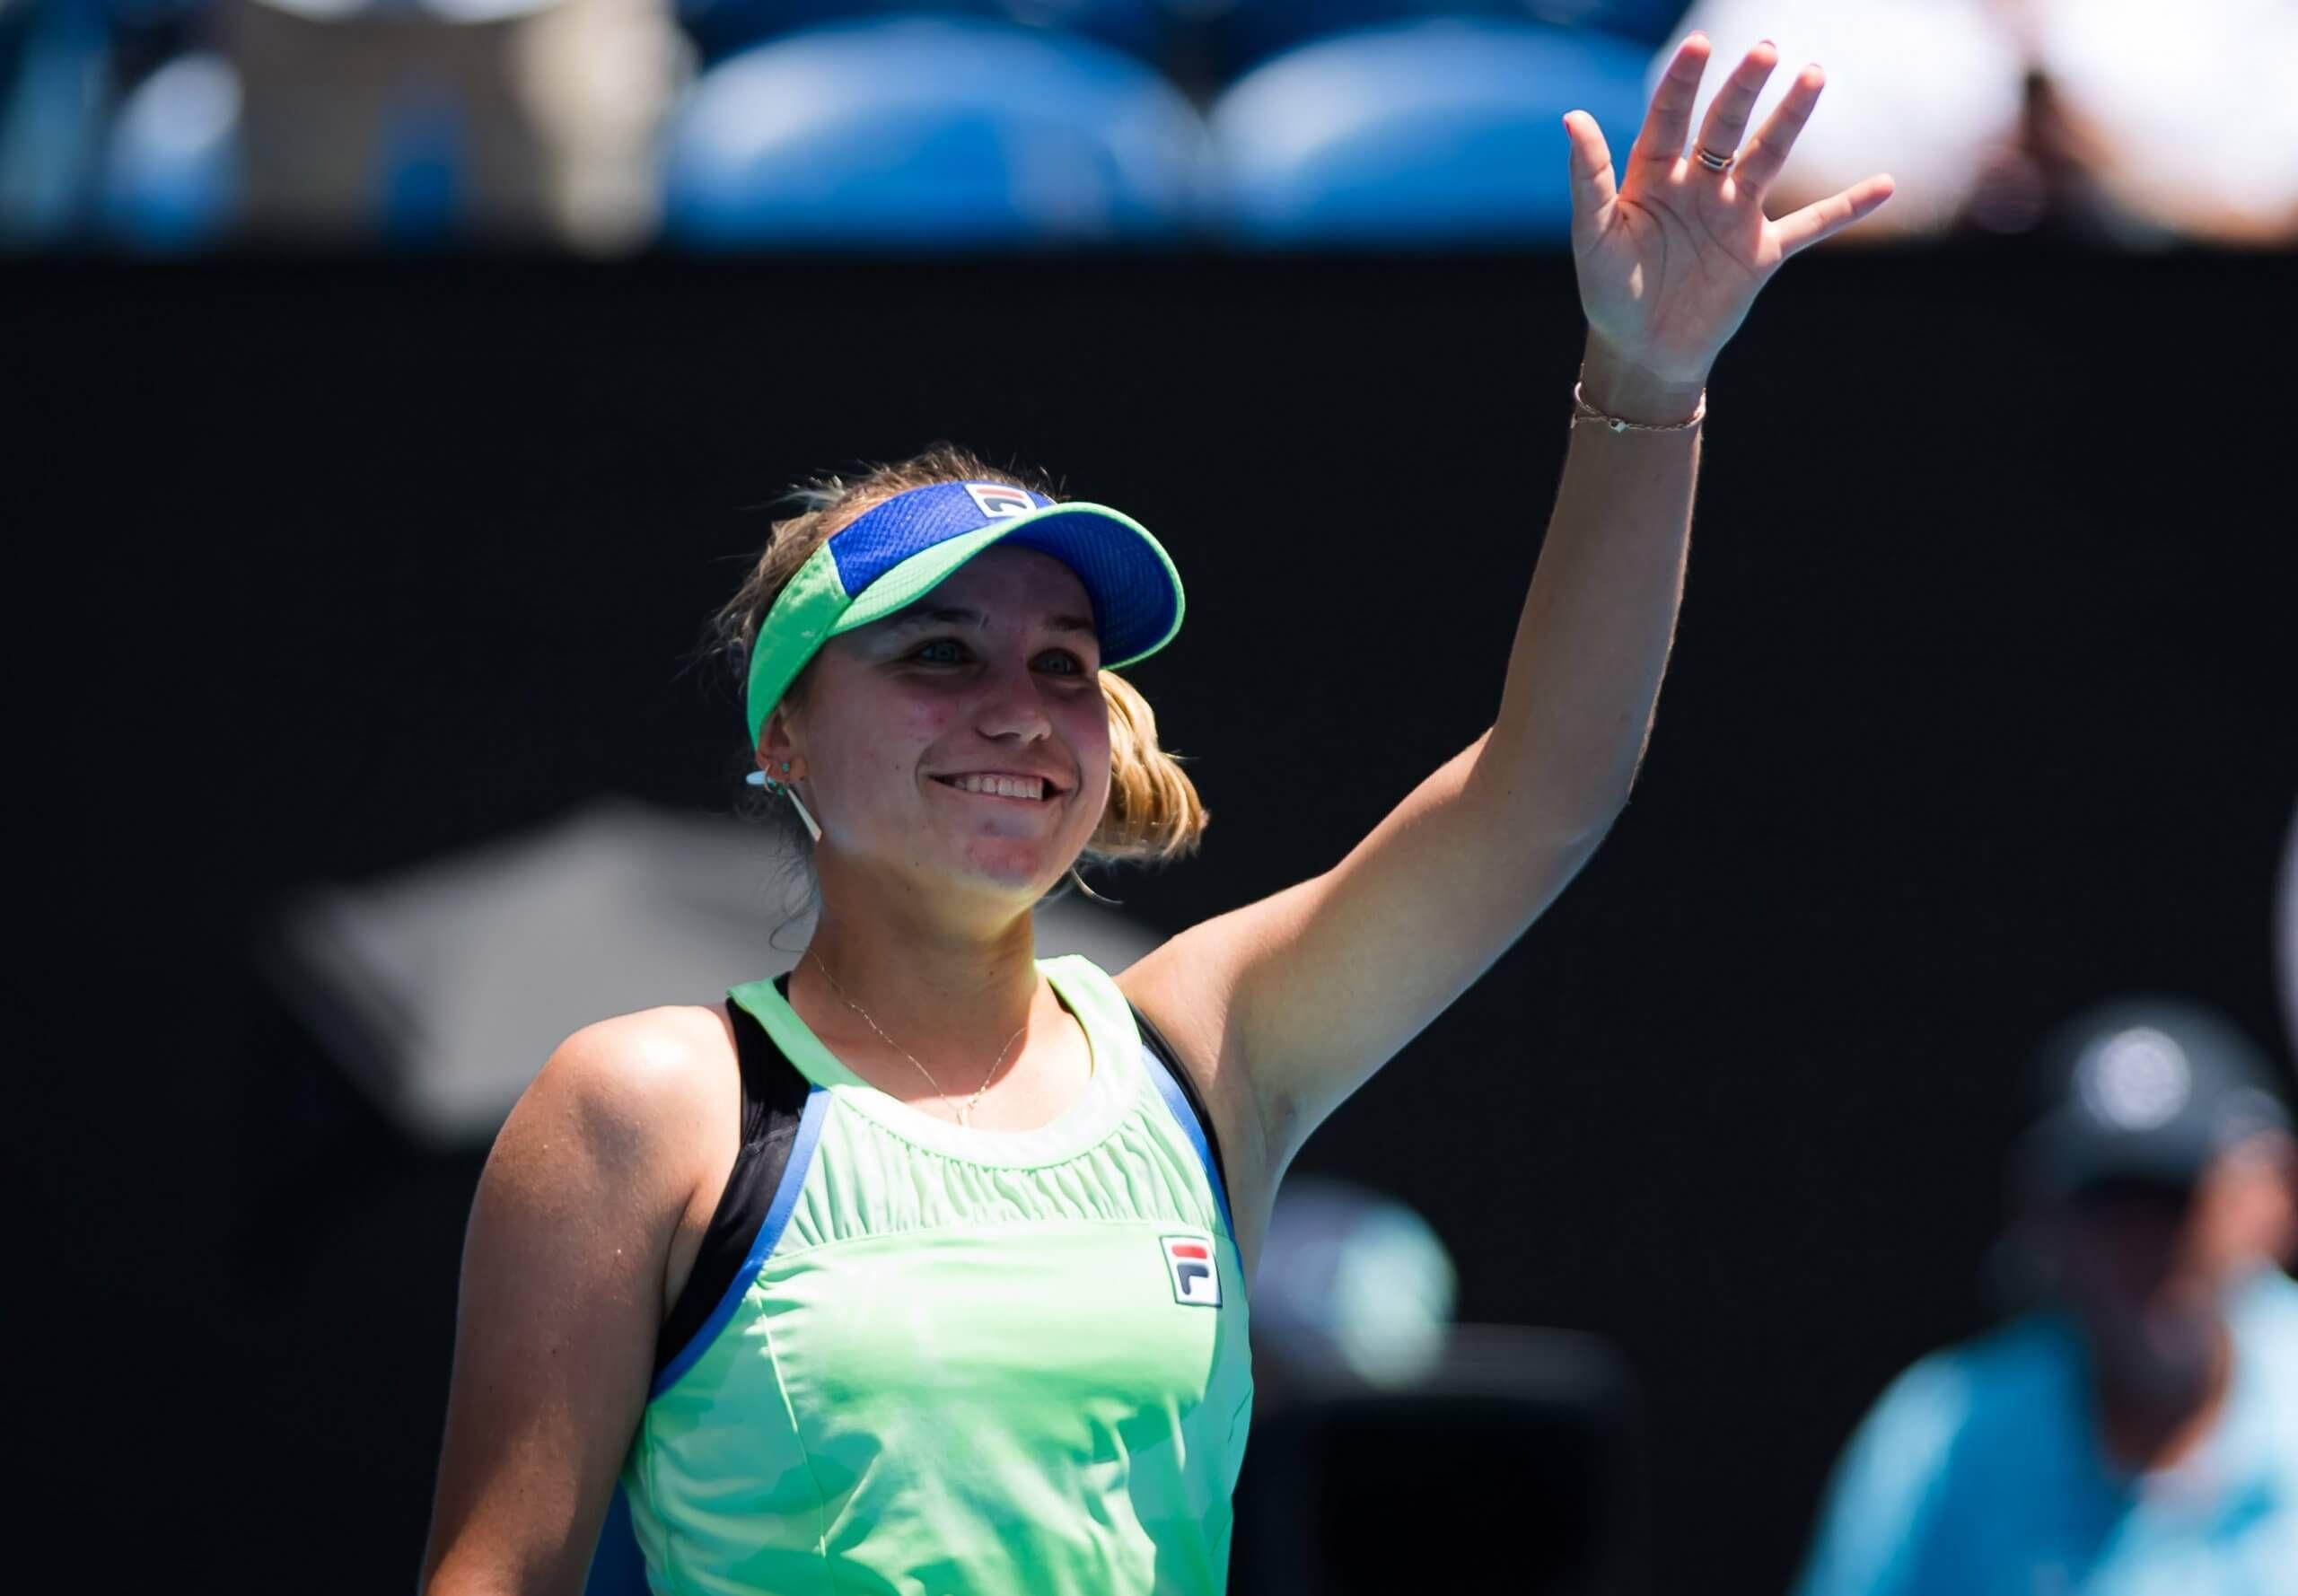 Florida S Kenin Takes Fairy Tale Australian Open Run Into The Final In 2020 Australian Open Garbine Muguruza Muguruza